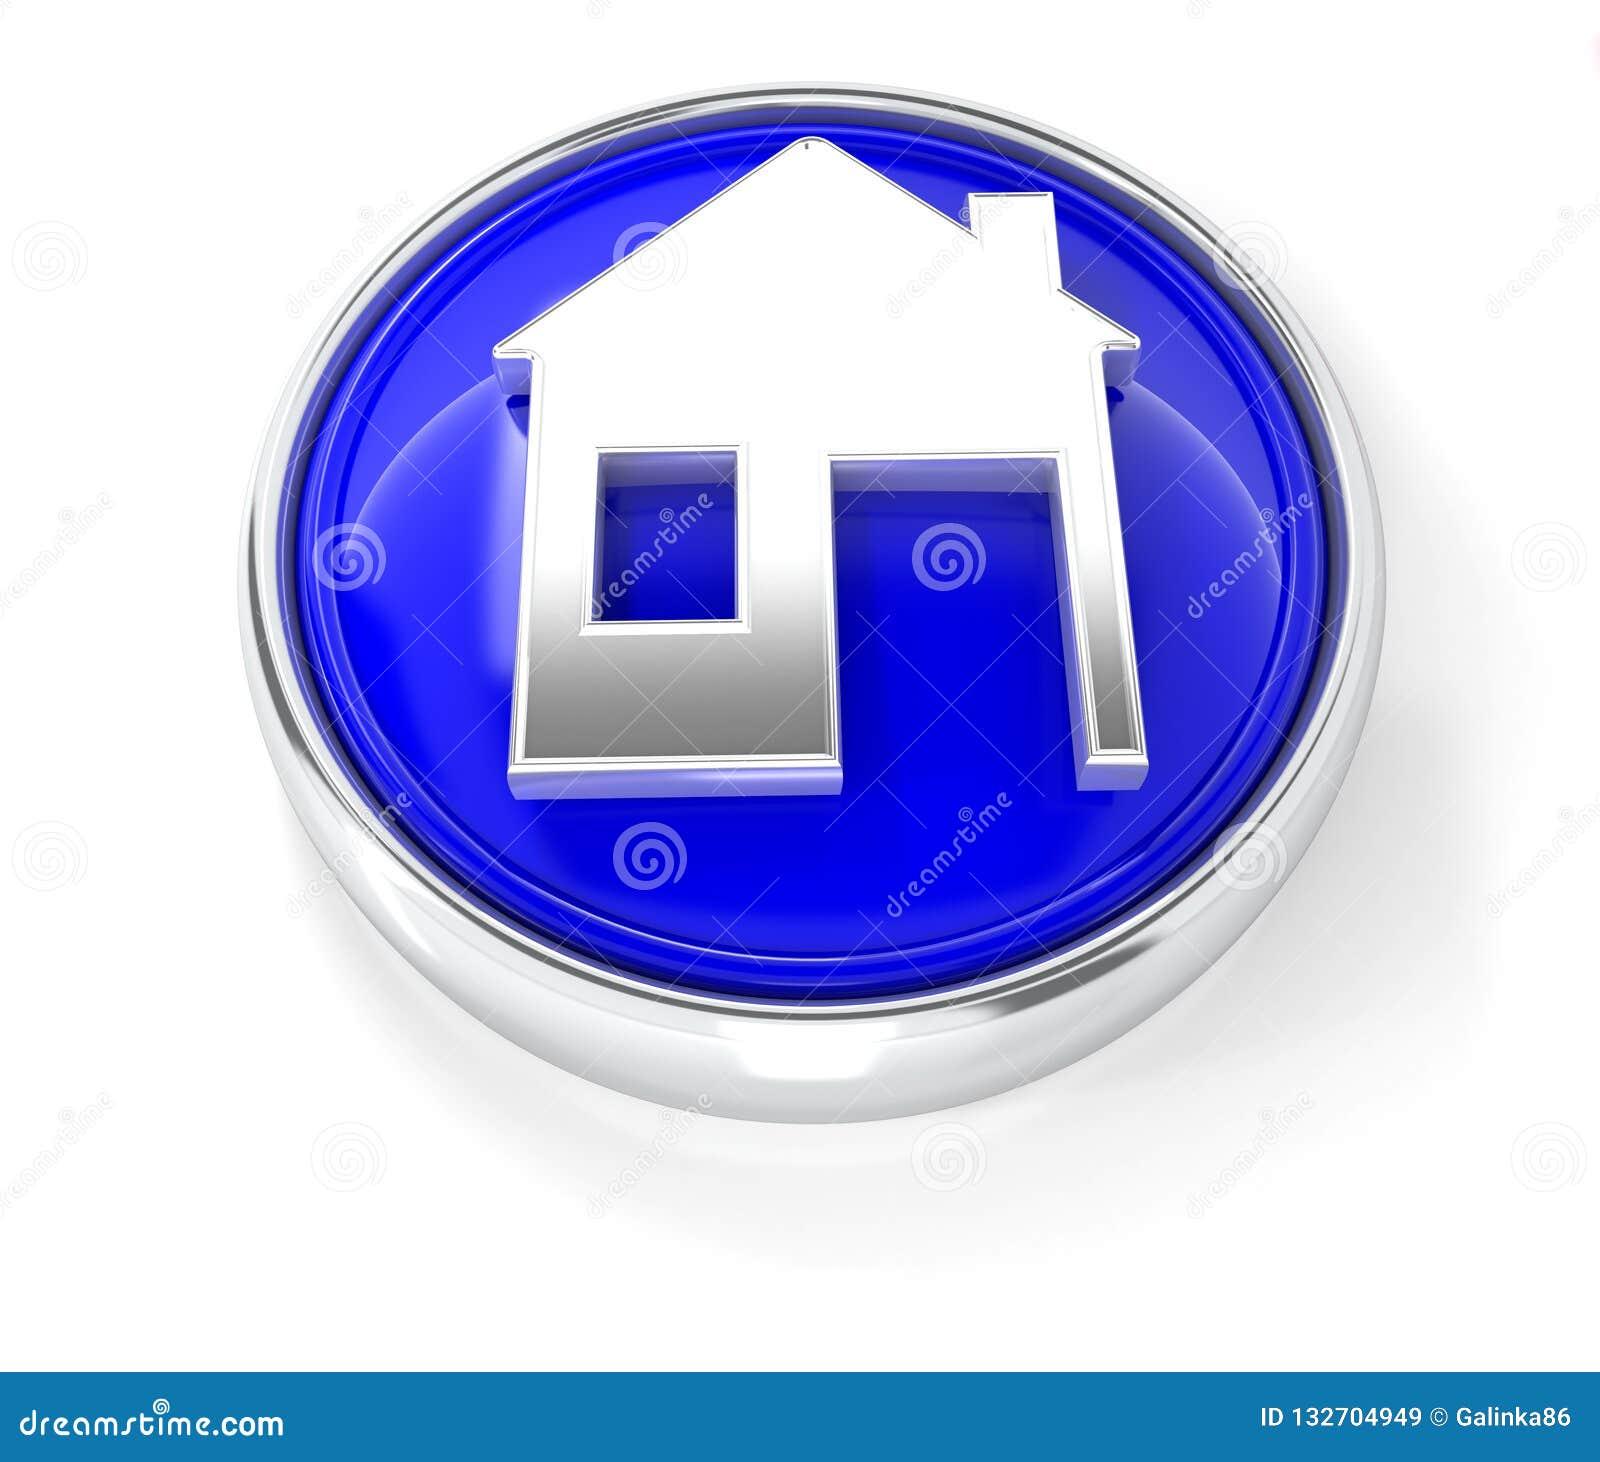 Домашний значок на лоснистой голубой круглой кнопке